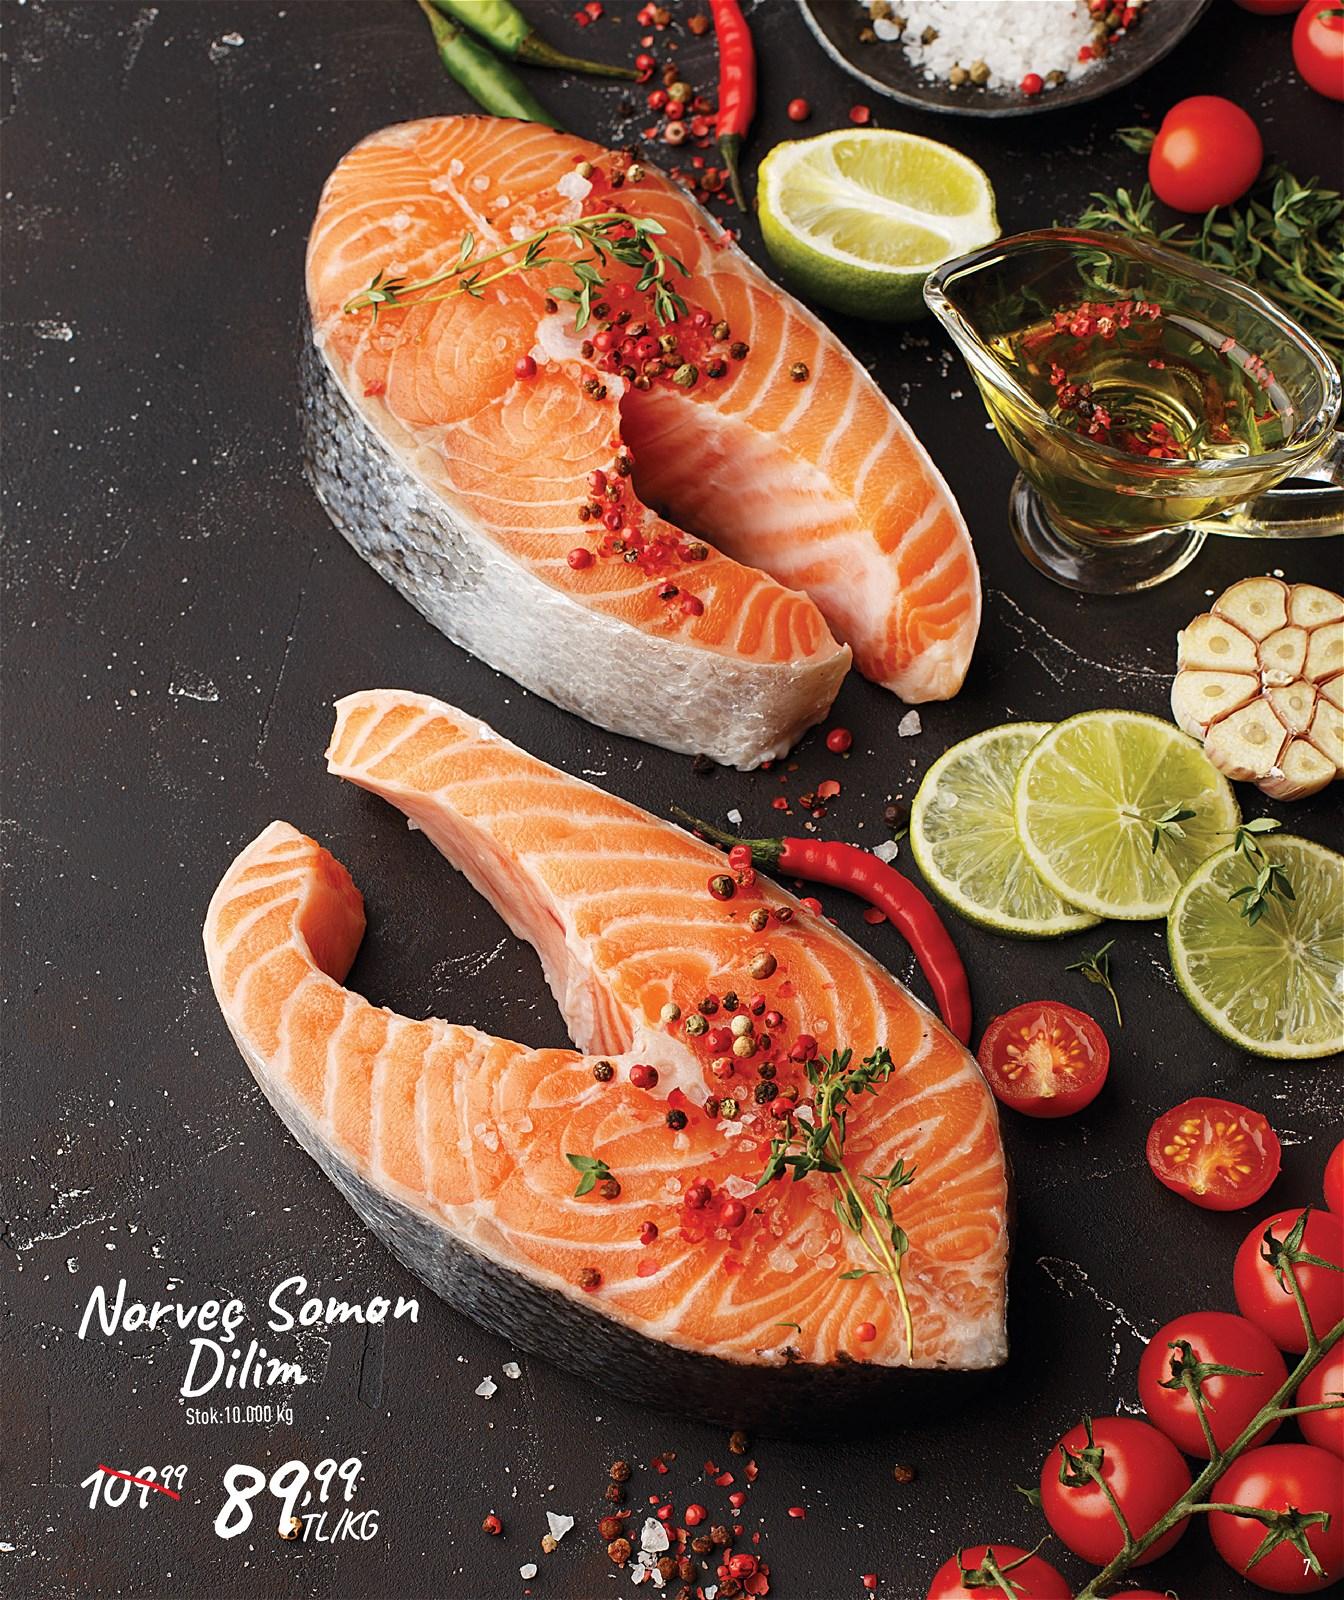 07.10.2021 CarrefourSA broşürü 7. sayfa